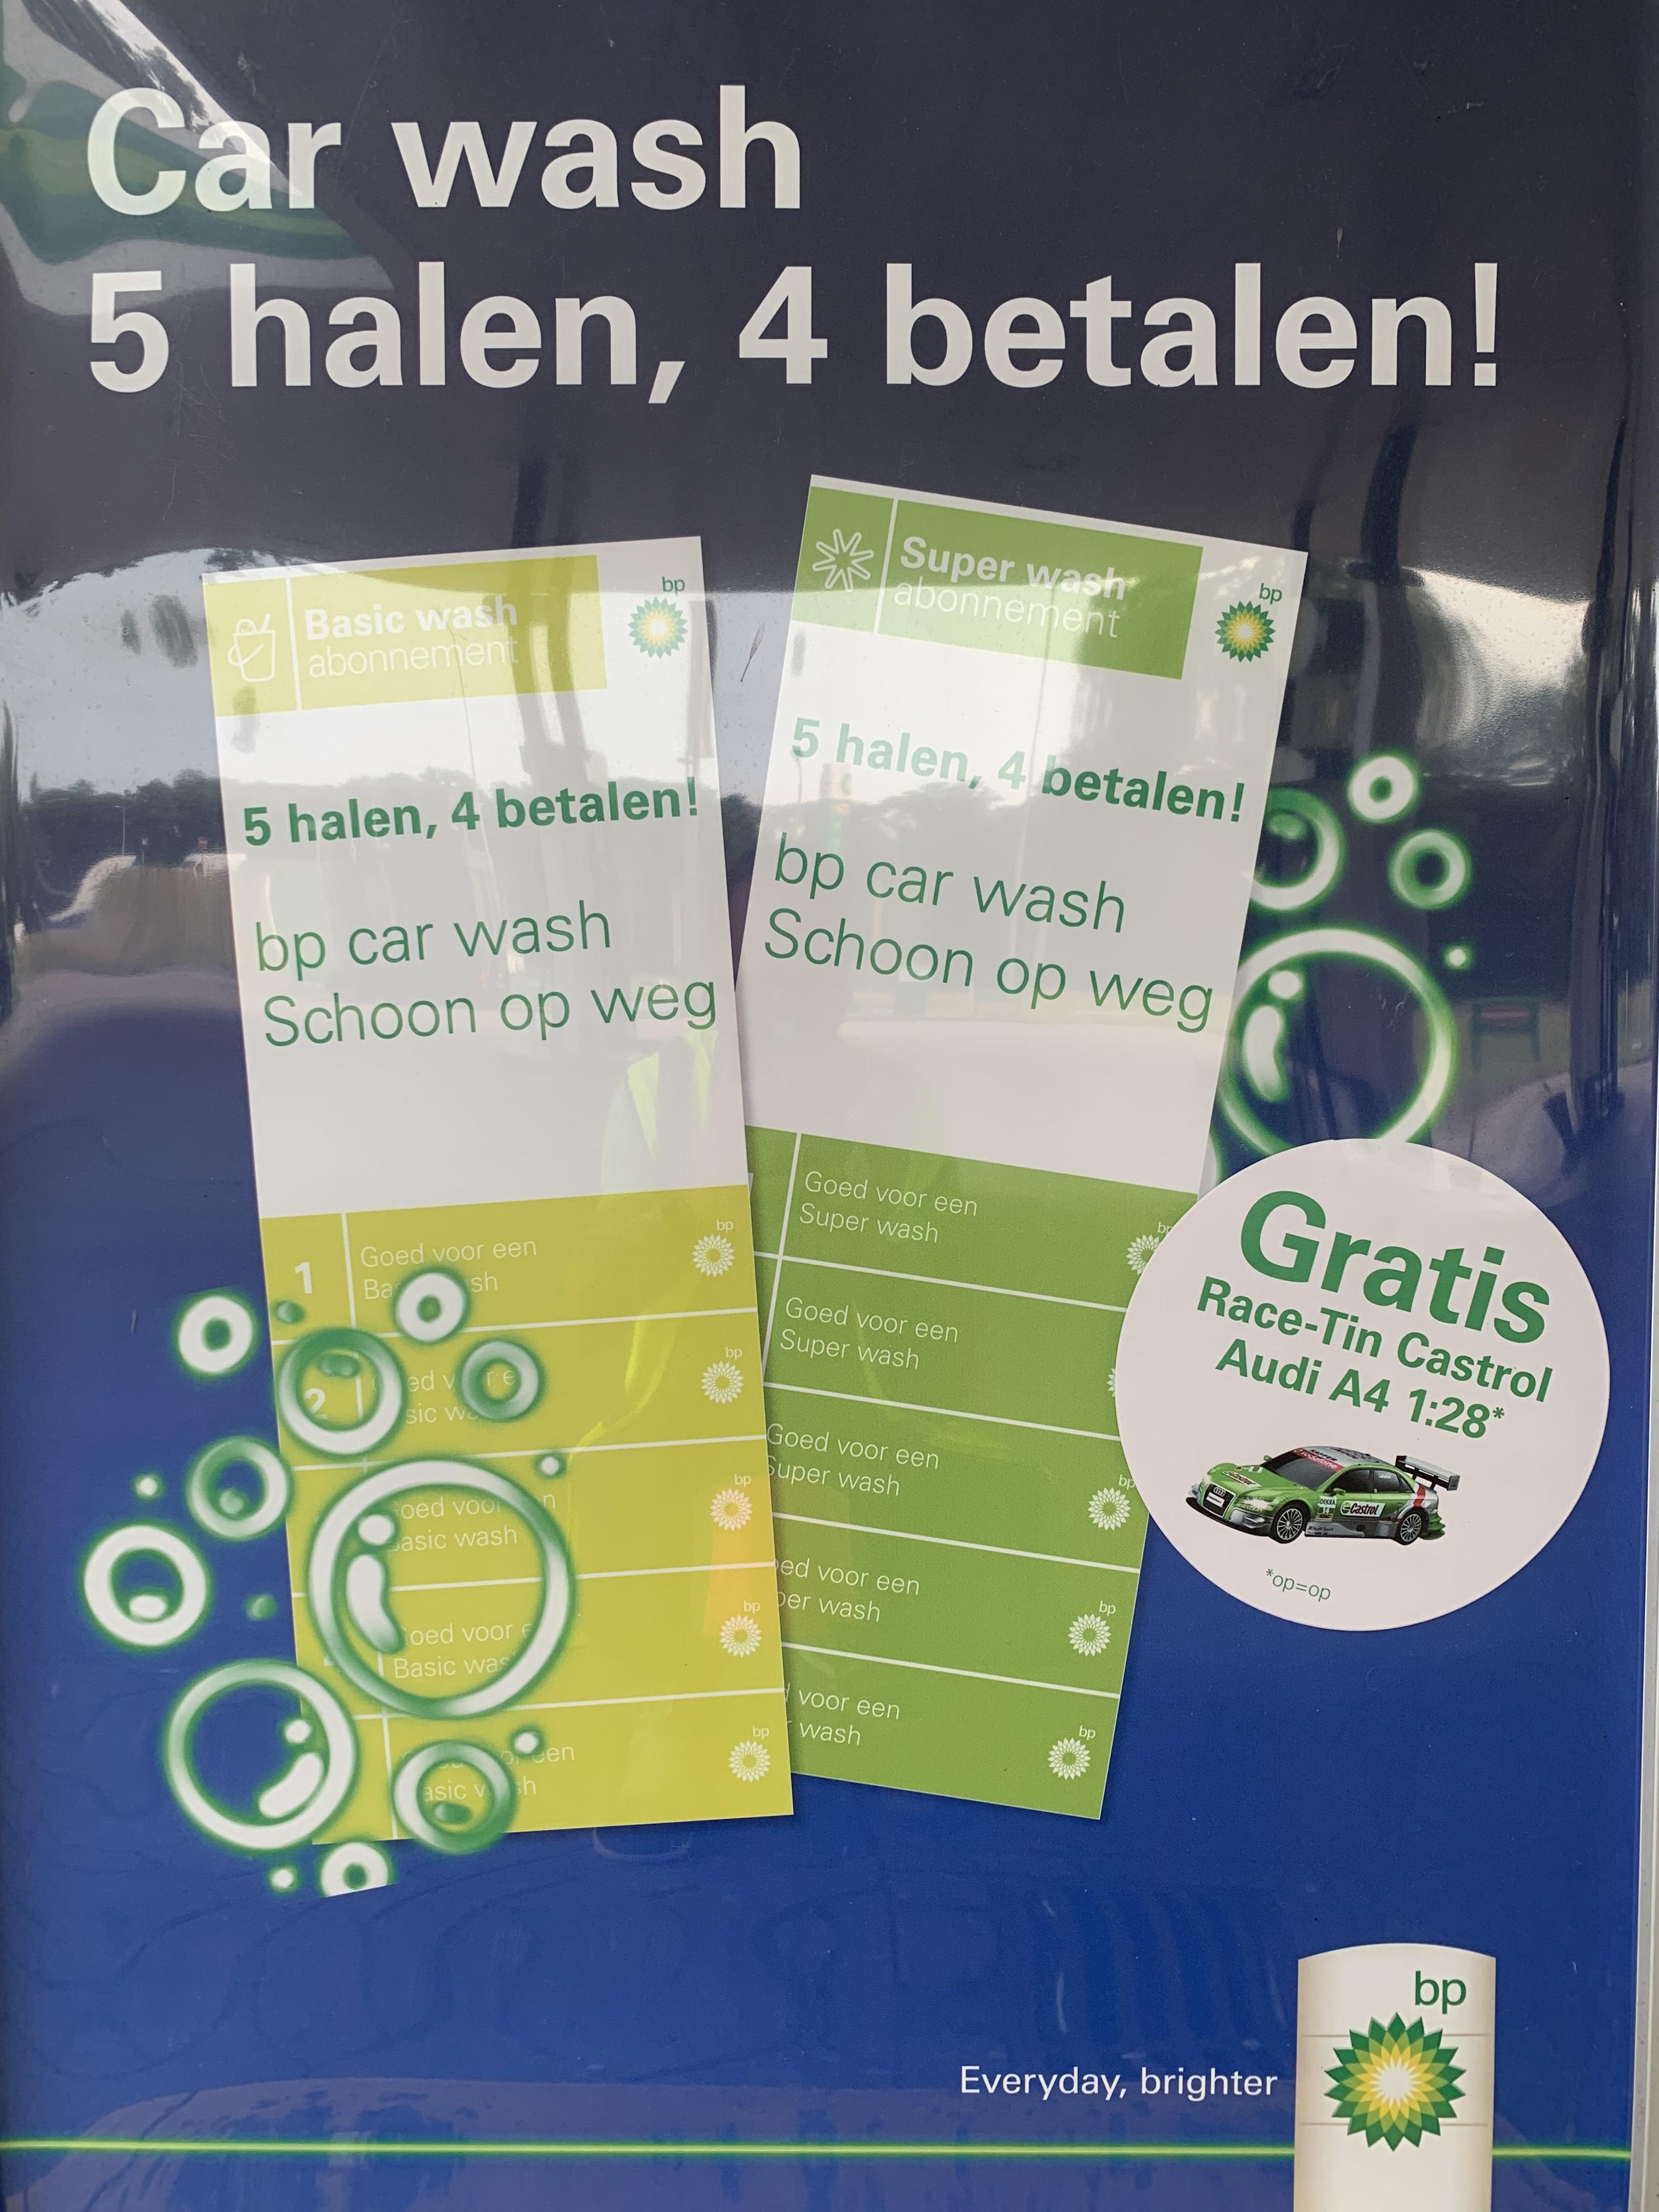 Gratis op afstand bestuurbare auto bij carwash strippenkaart @BP Oude Haagseweg